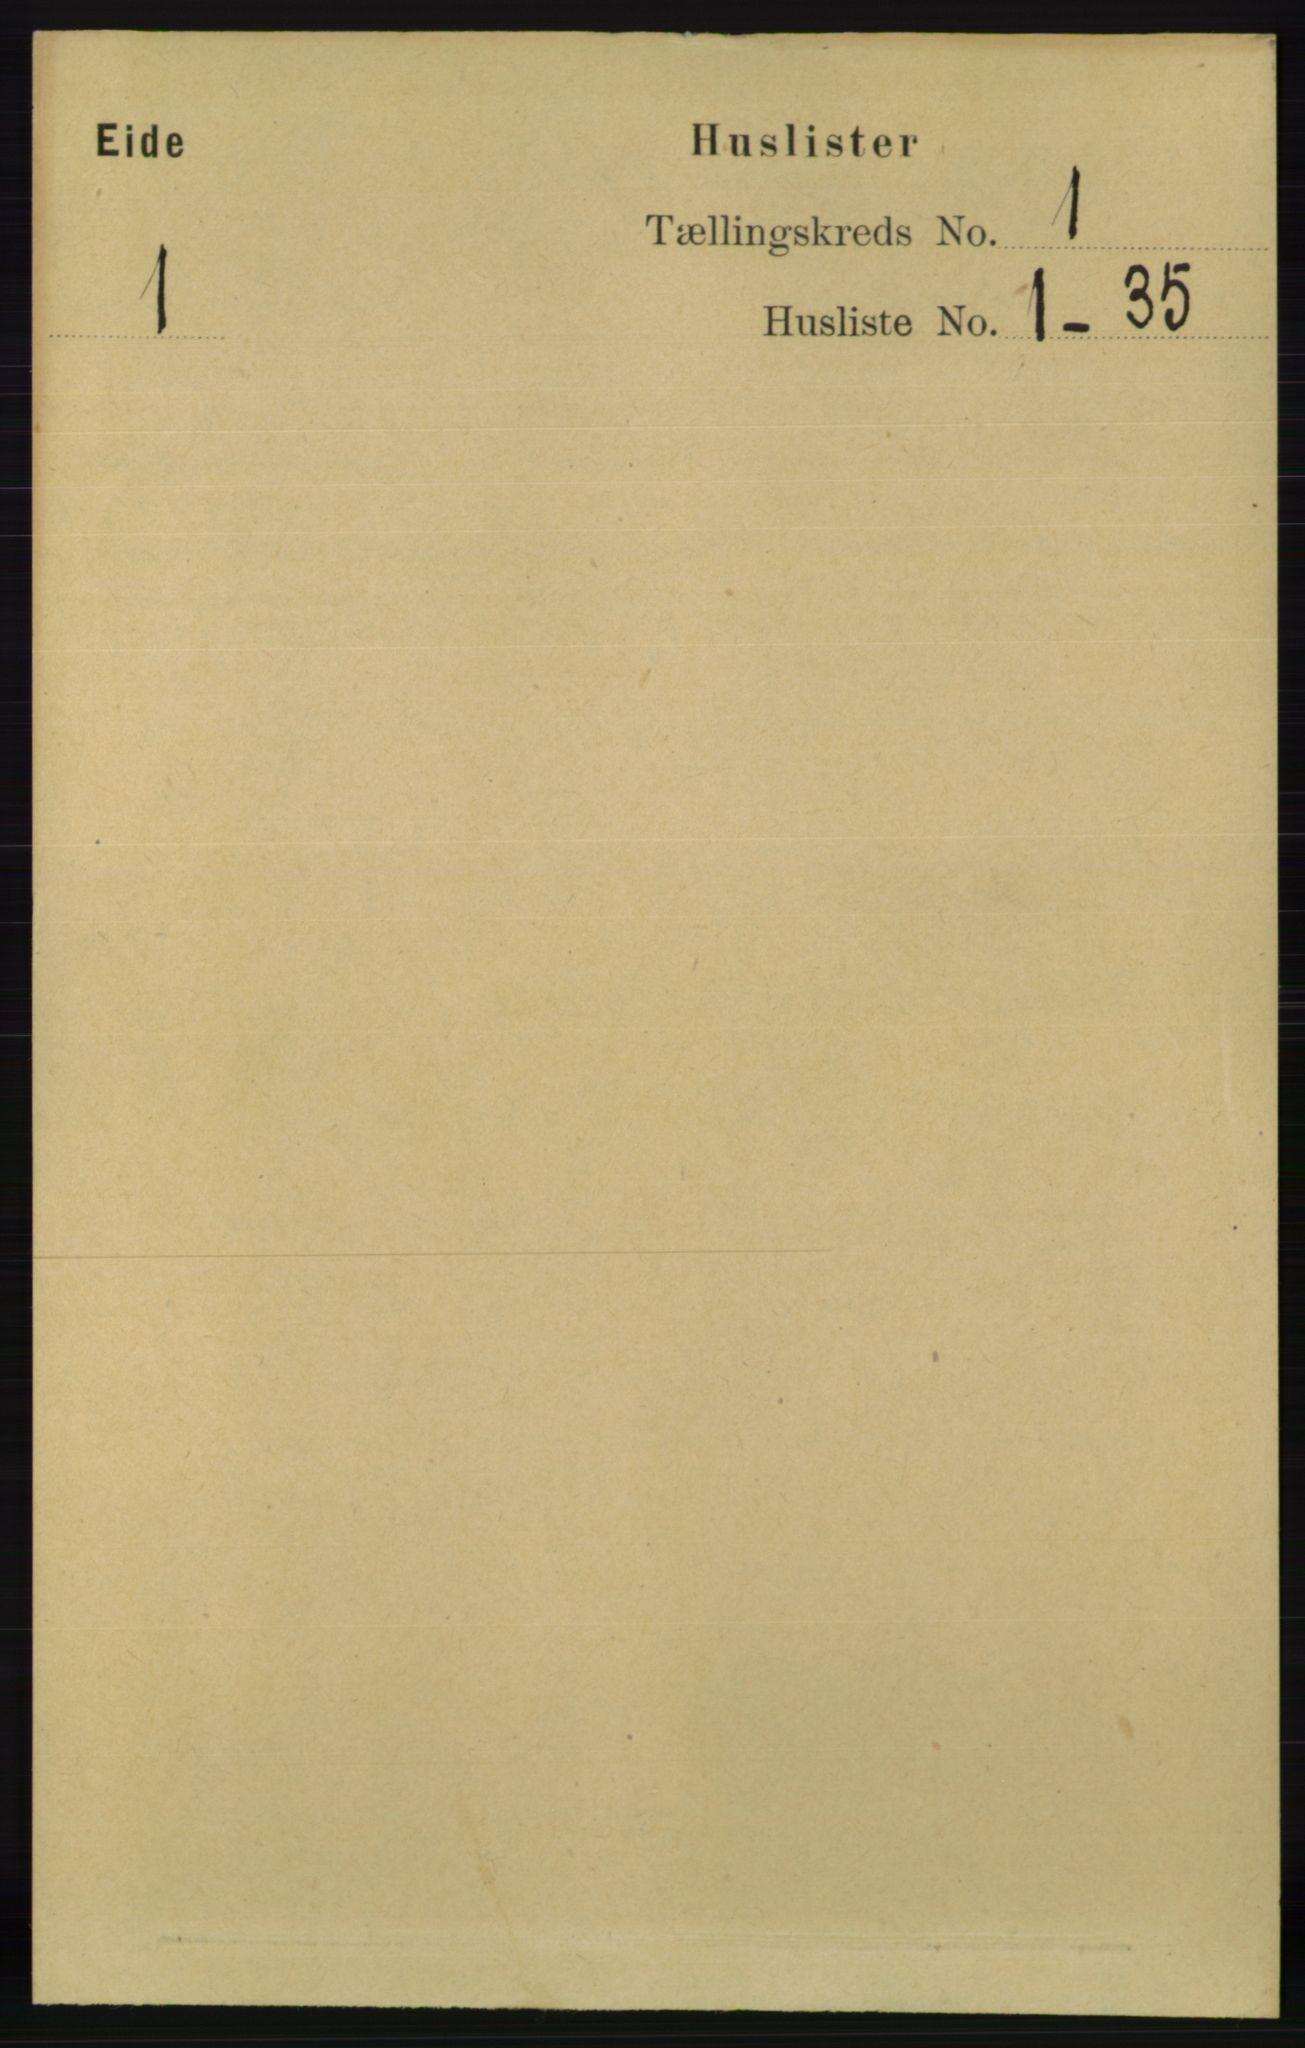 RA, Folketelling 1891 for 0925 Eide herred, 1891, s. 12